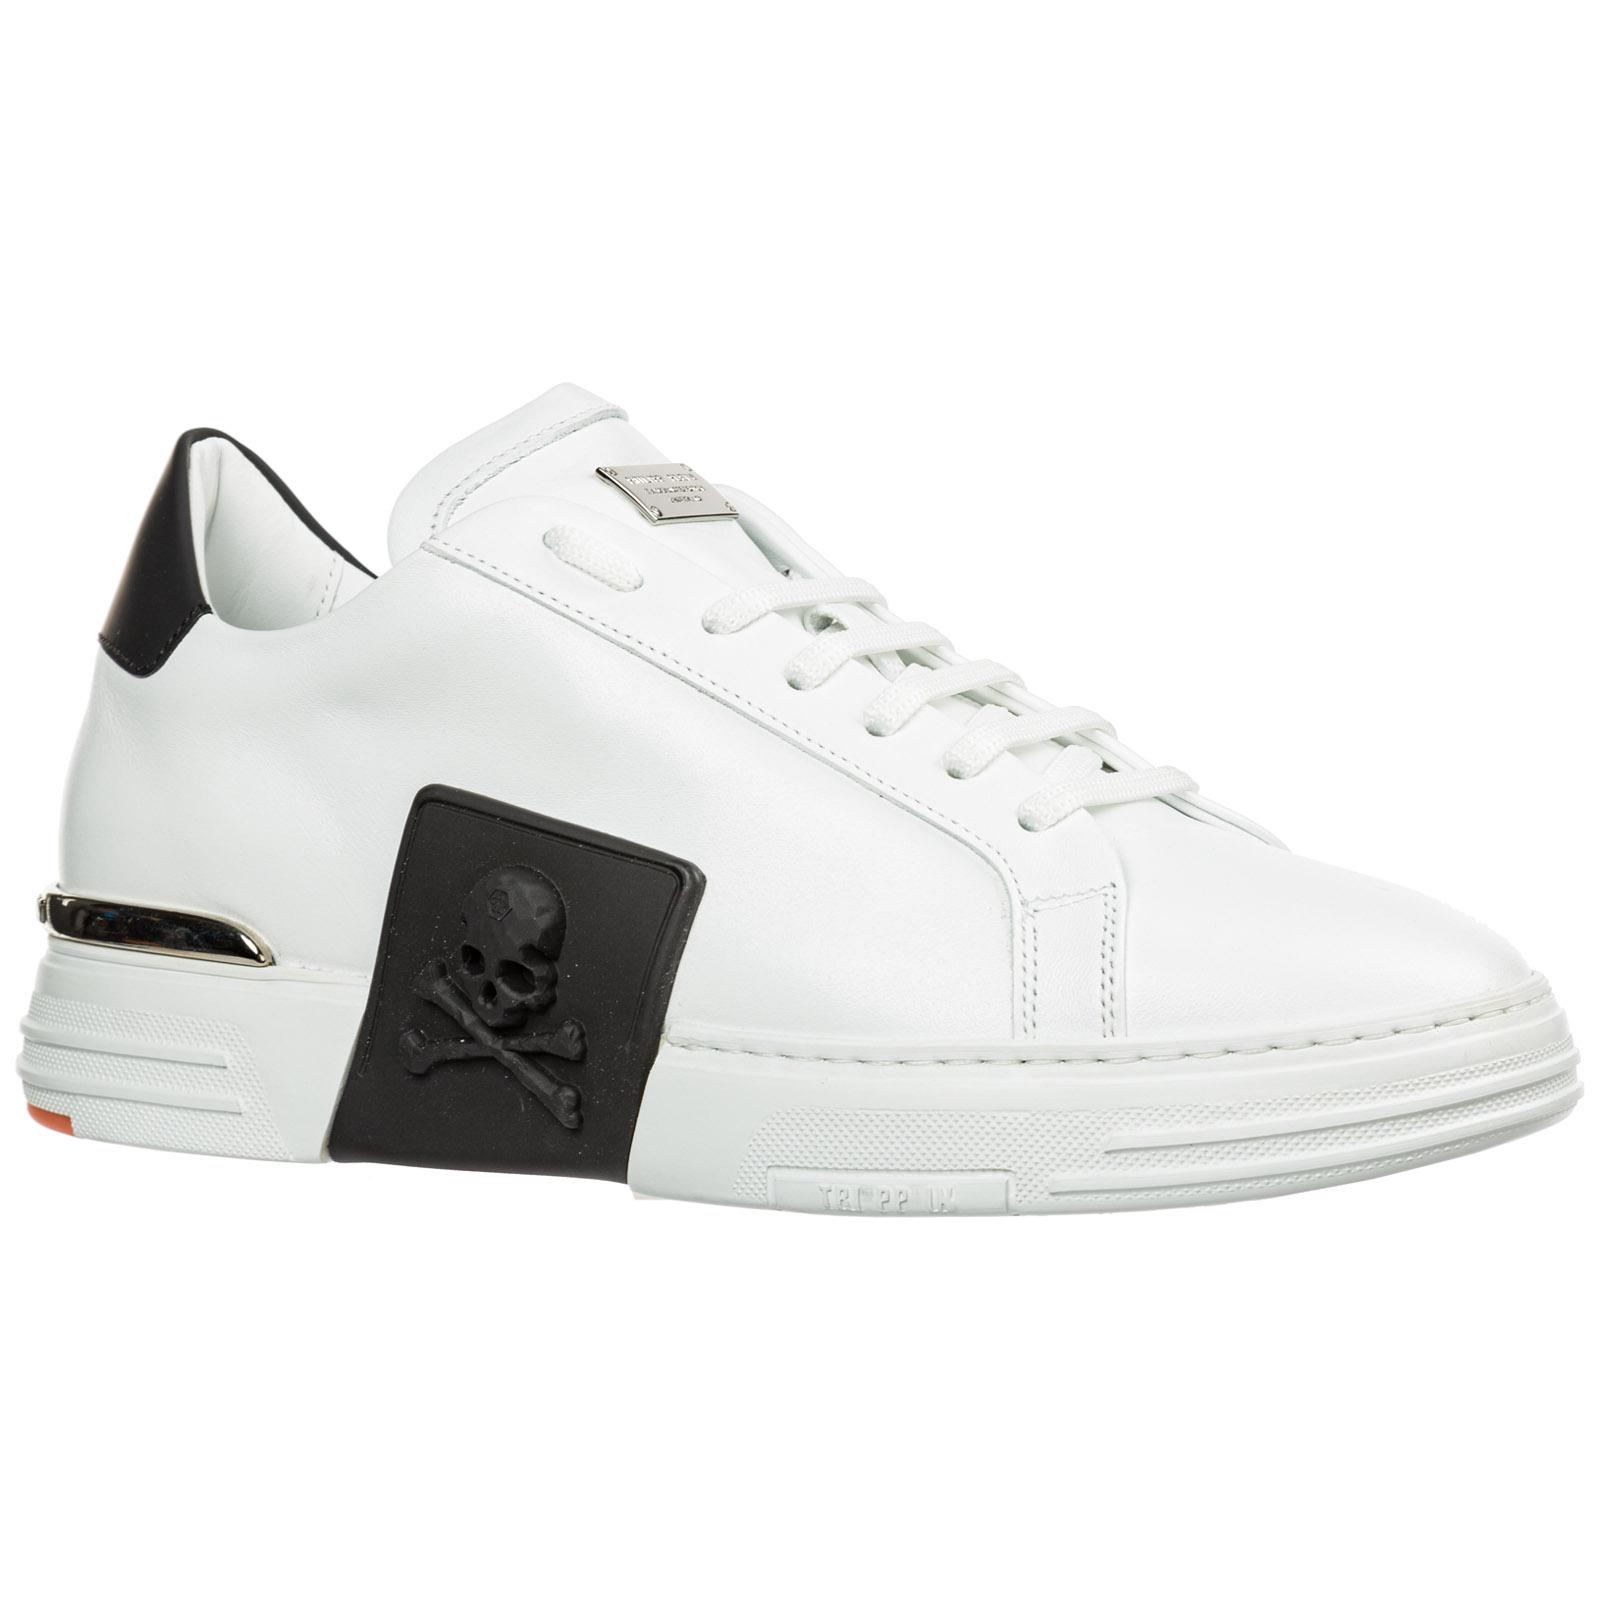 reputable site 878e1 2f311 Scarpe sneakers uomo in pelle